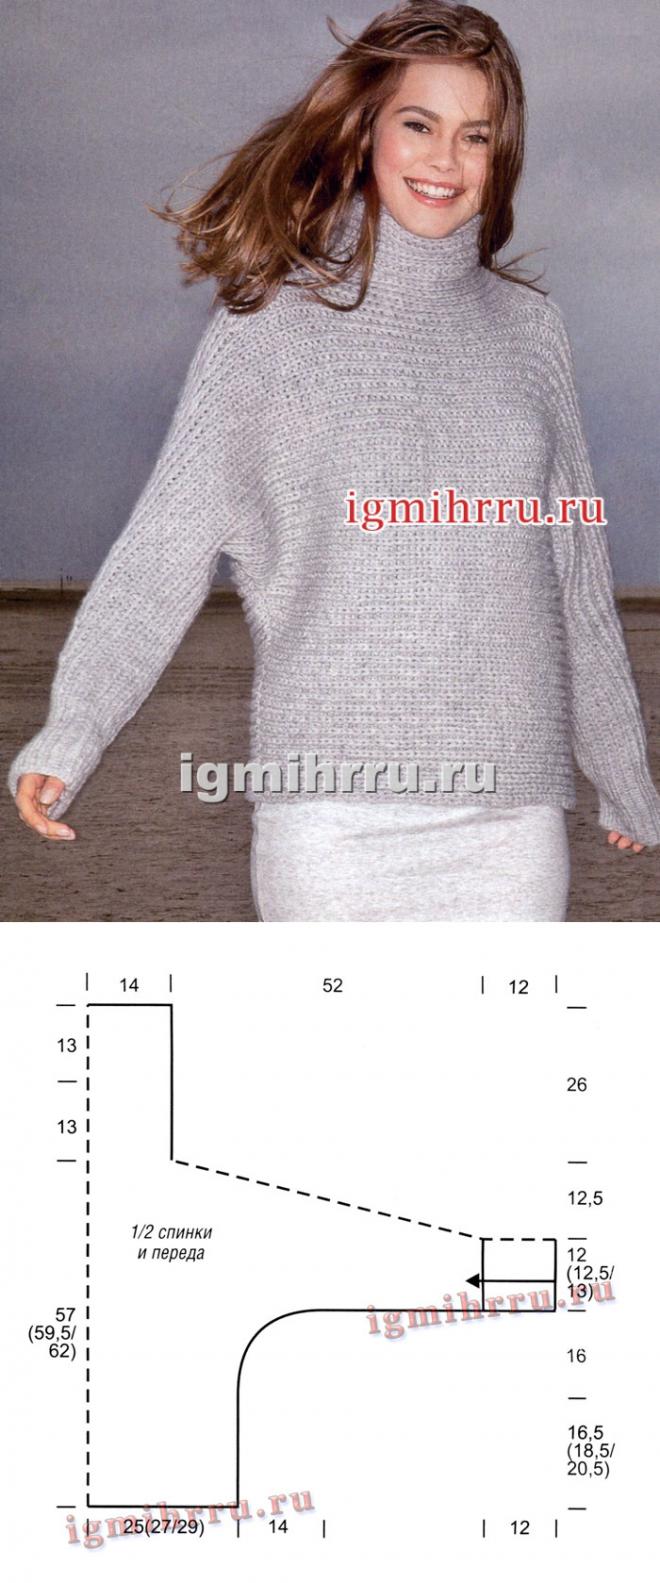 igmihrru.ru | punto | Pinterest | Croché, Tricotar y Ganchillo